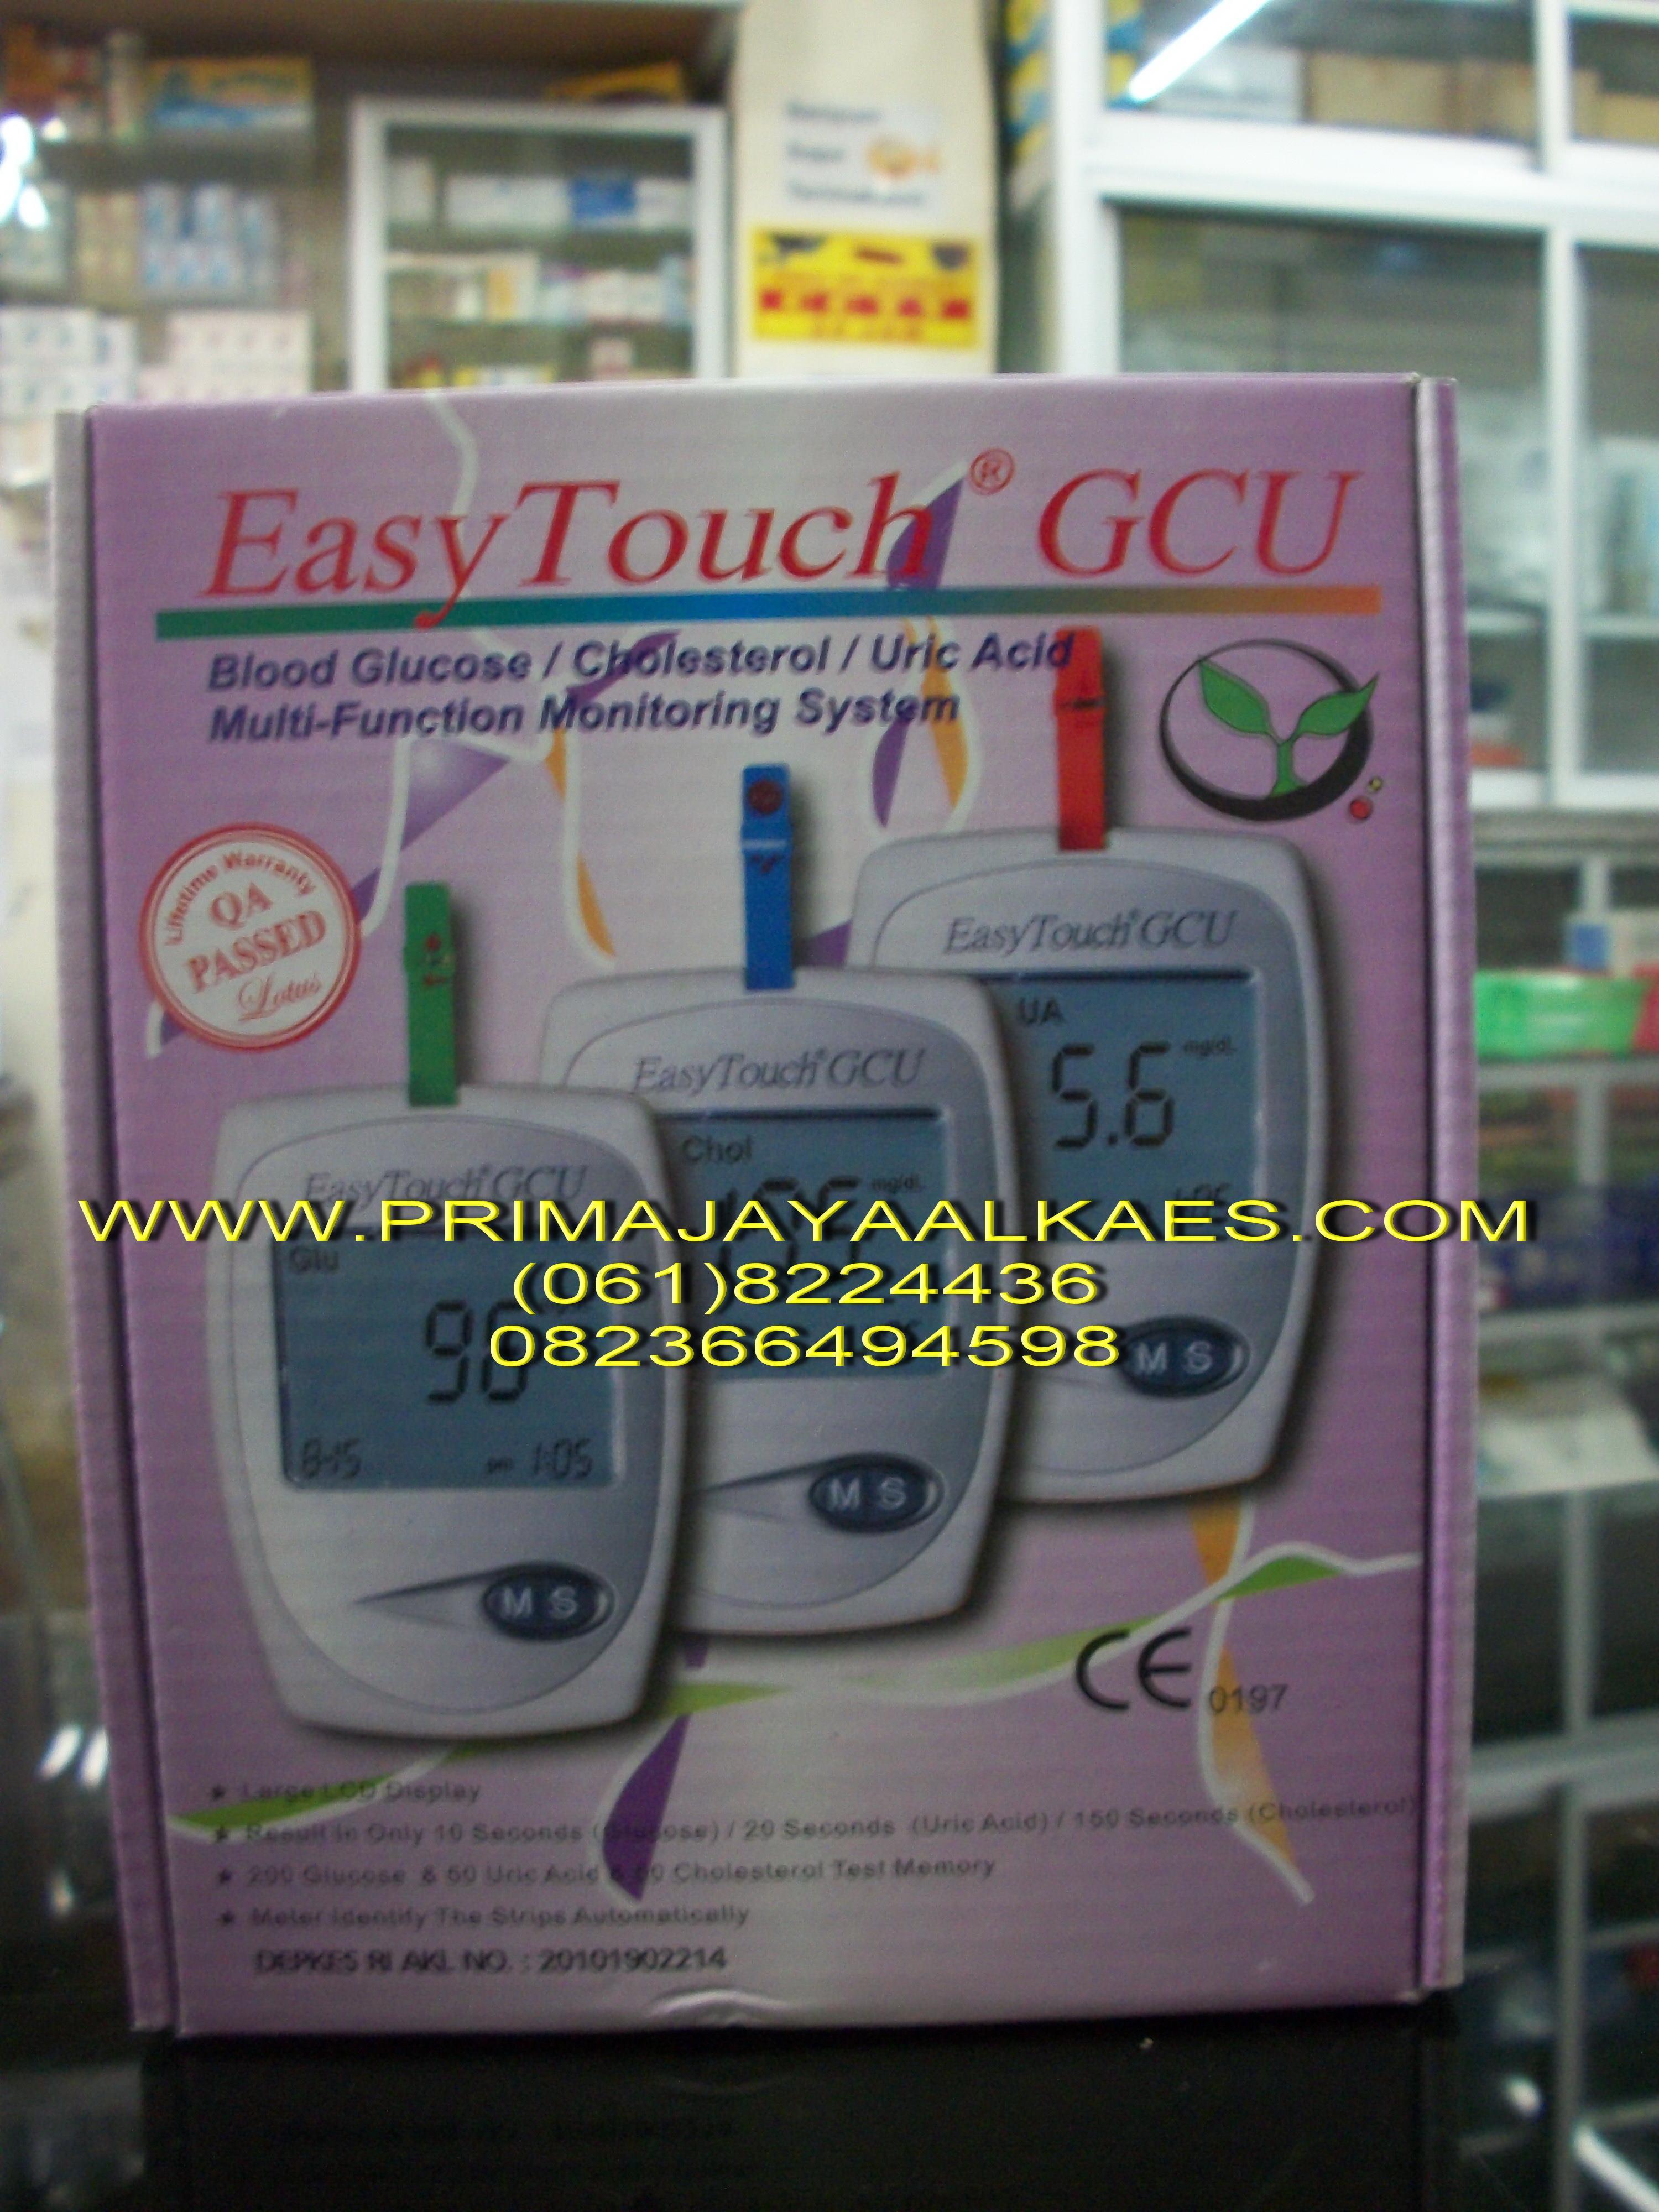 Jual Alat Cek Gula Darah Medan Murah Langsung Dari Distributor Di Strip Gluco Dr Bio Sensor Agm 2100 Easy Touch Gcu